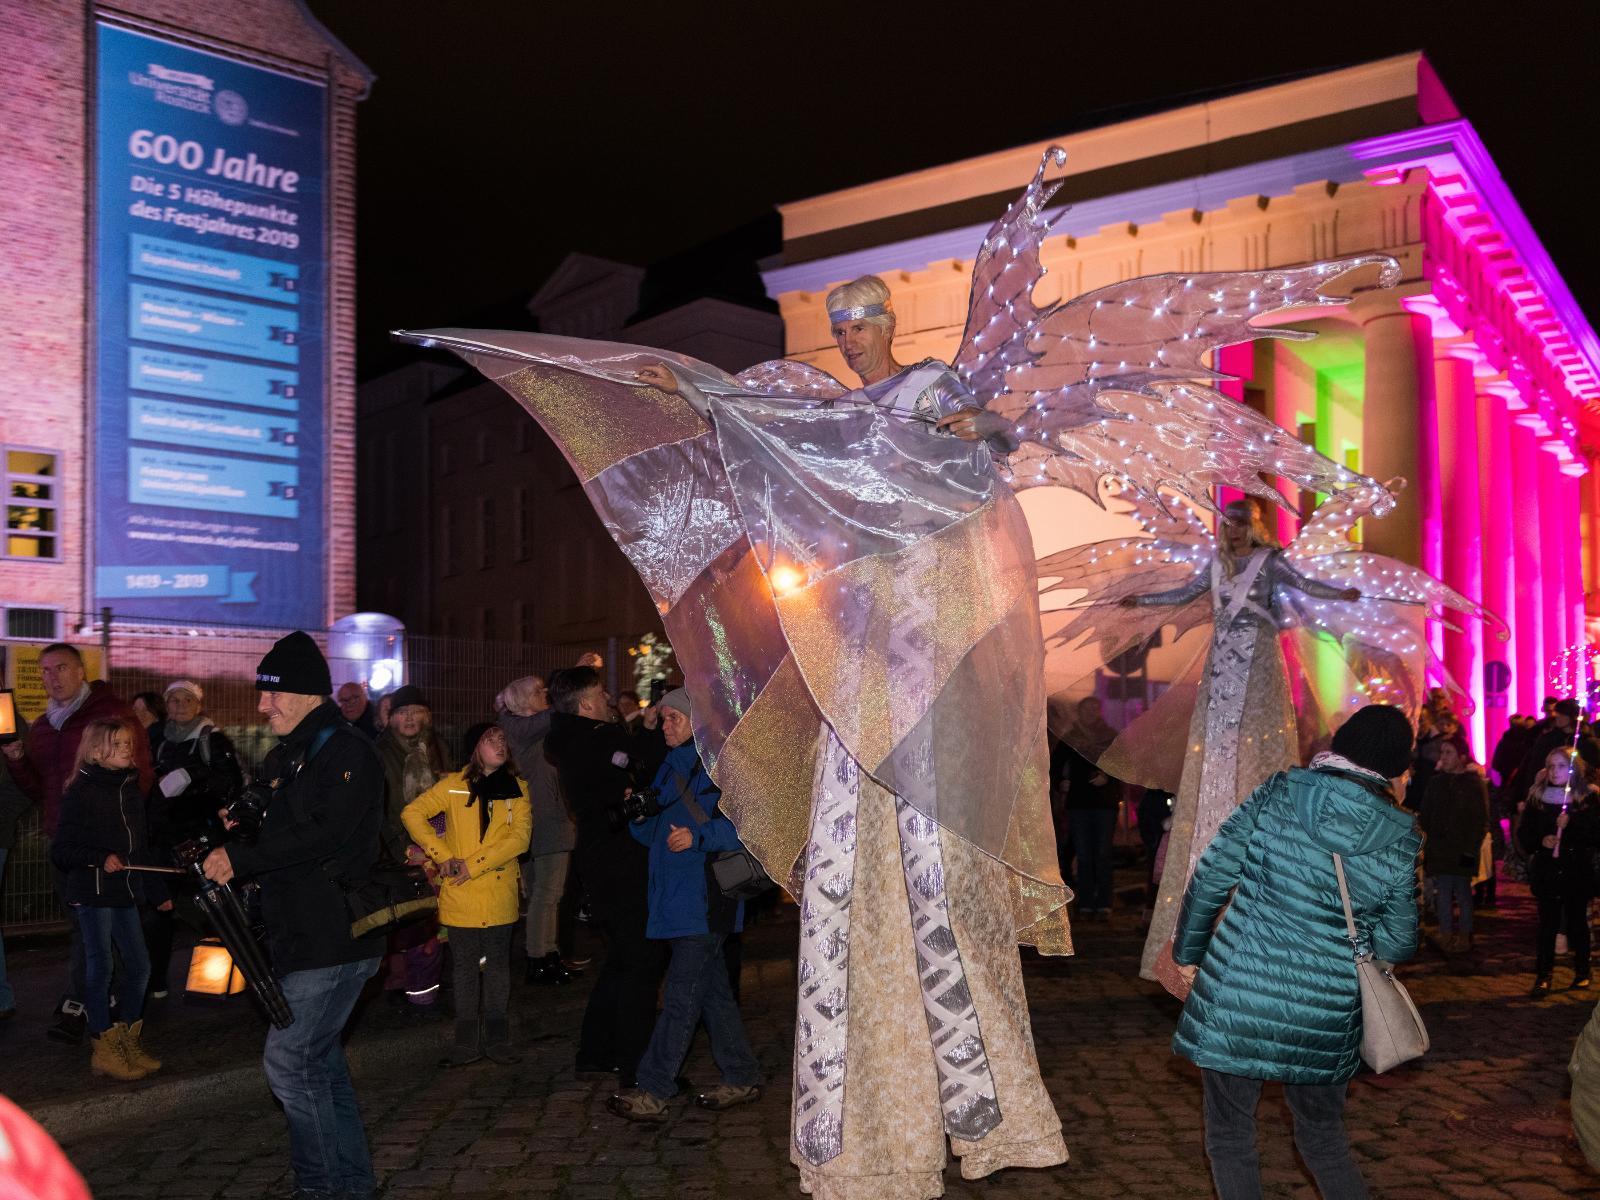 Die Lichtengel schwebten circa 1.30 Meter über den Köpfen der erstaunten Besucher auf dem Uni-Platz